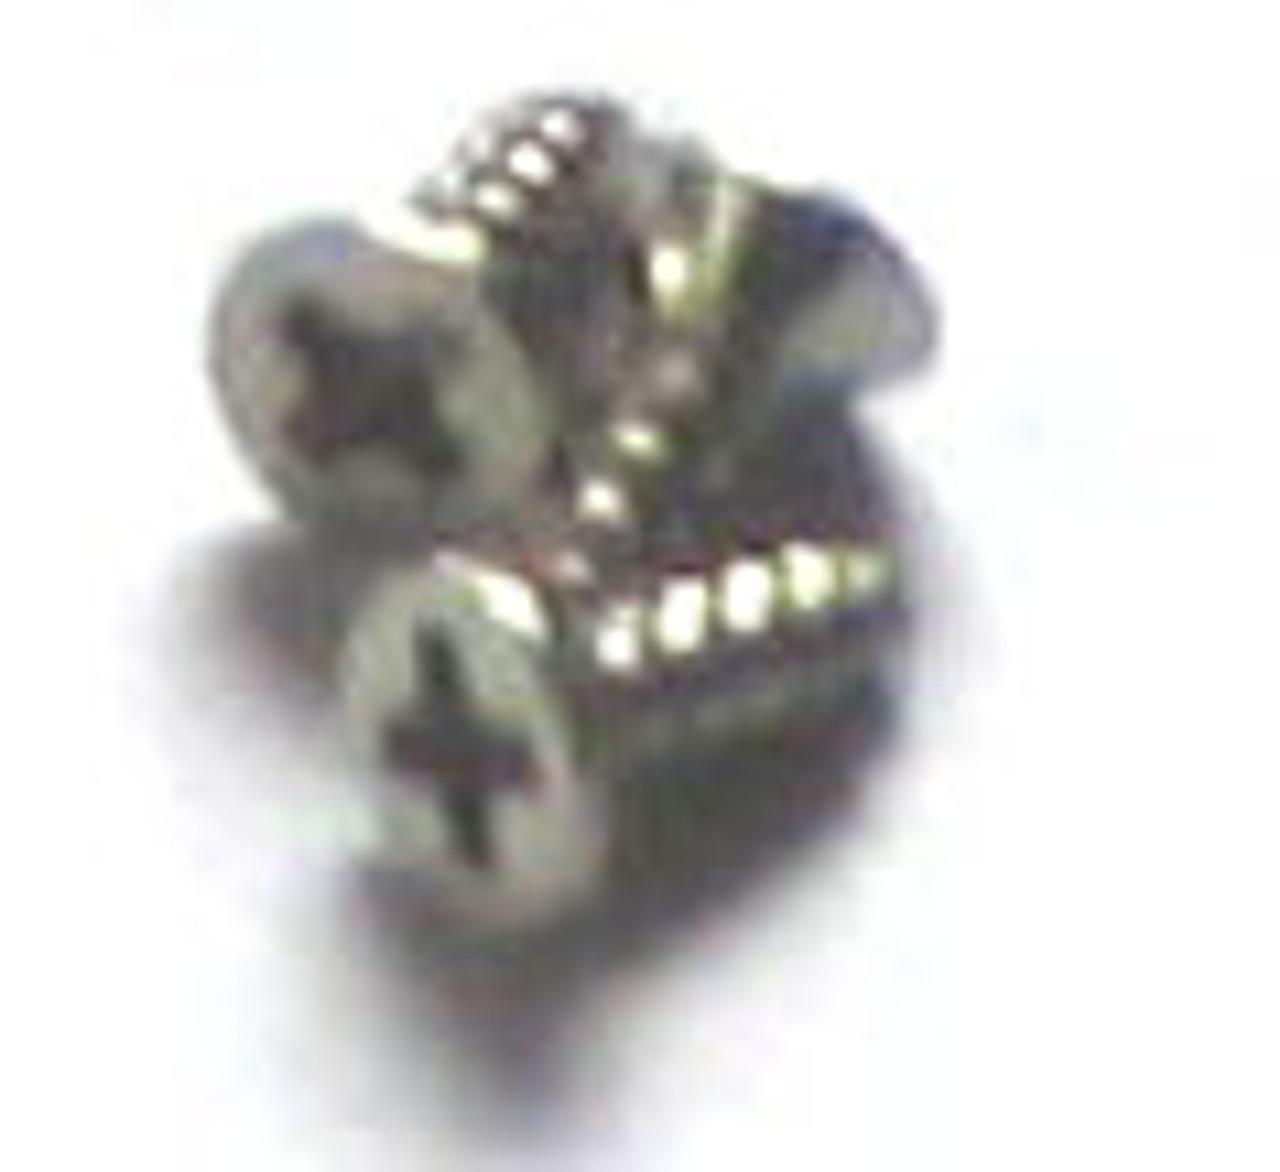 #4 Flat Head Nickel Plated Screws